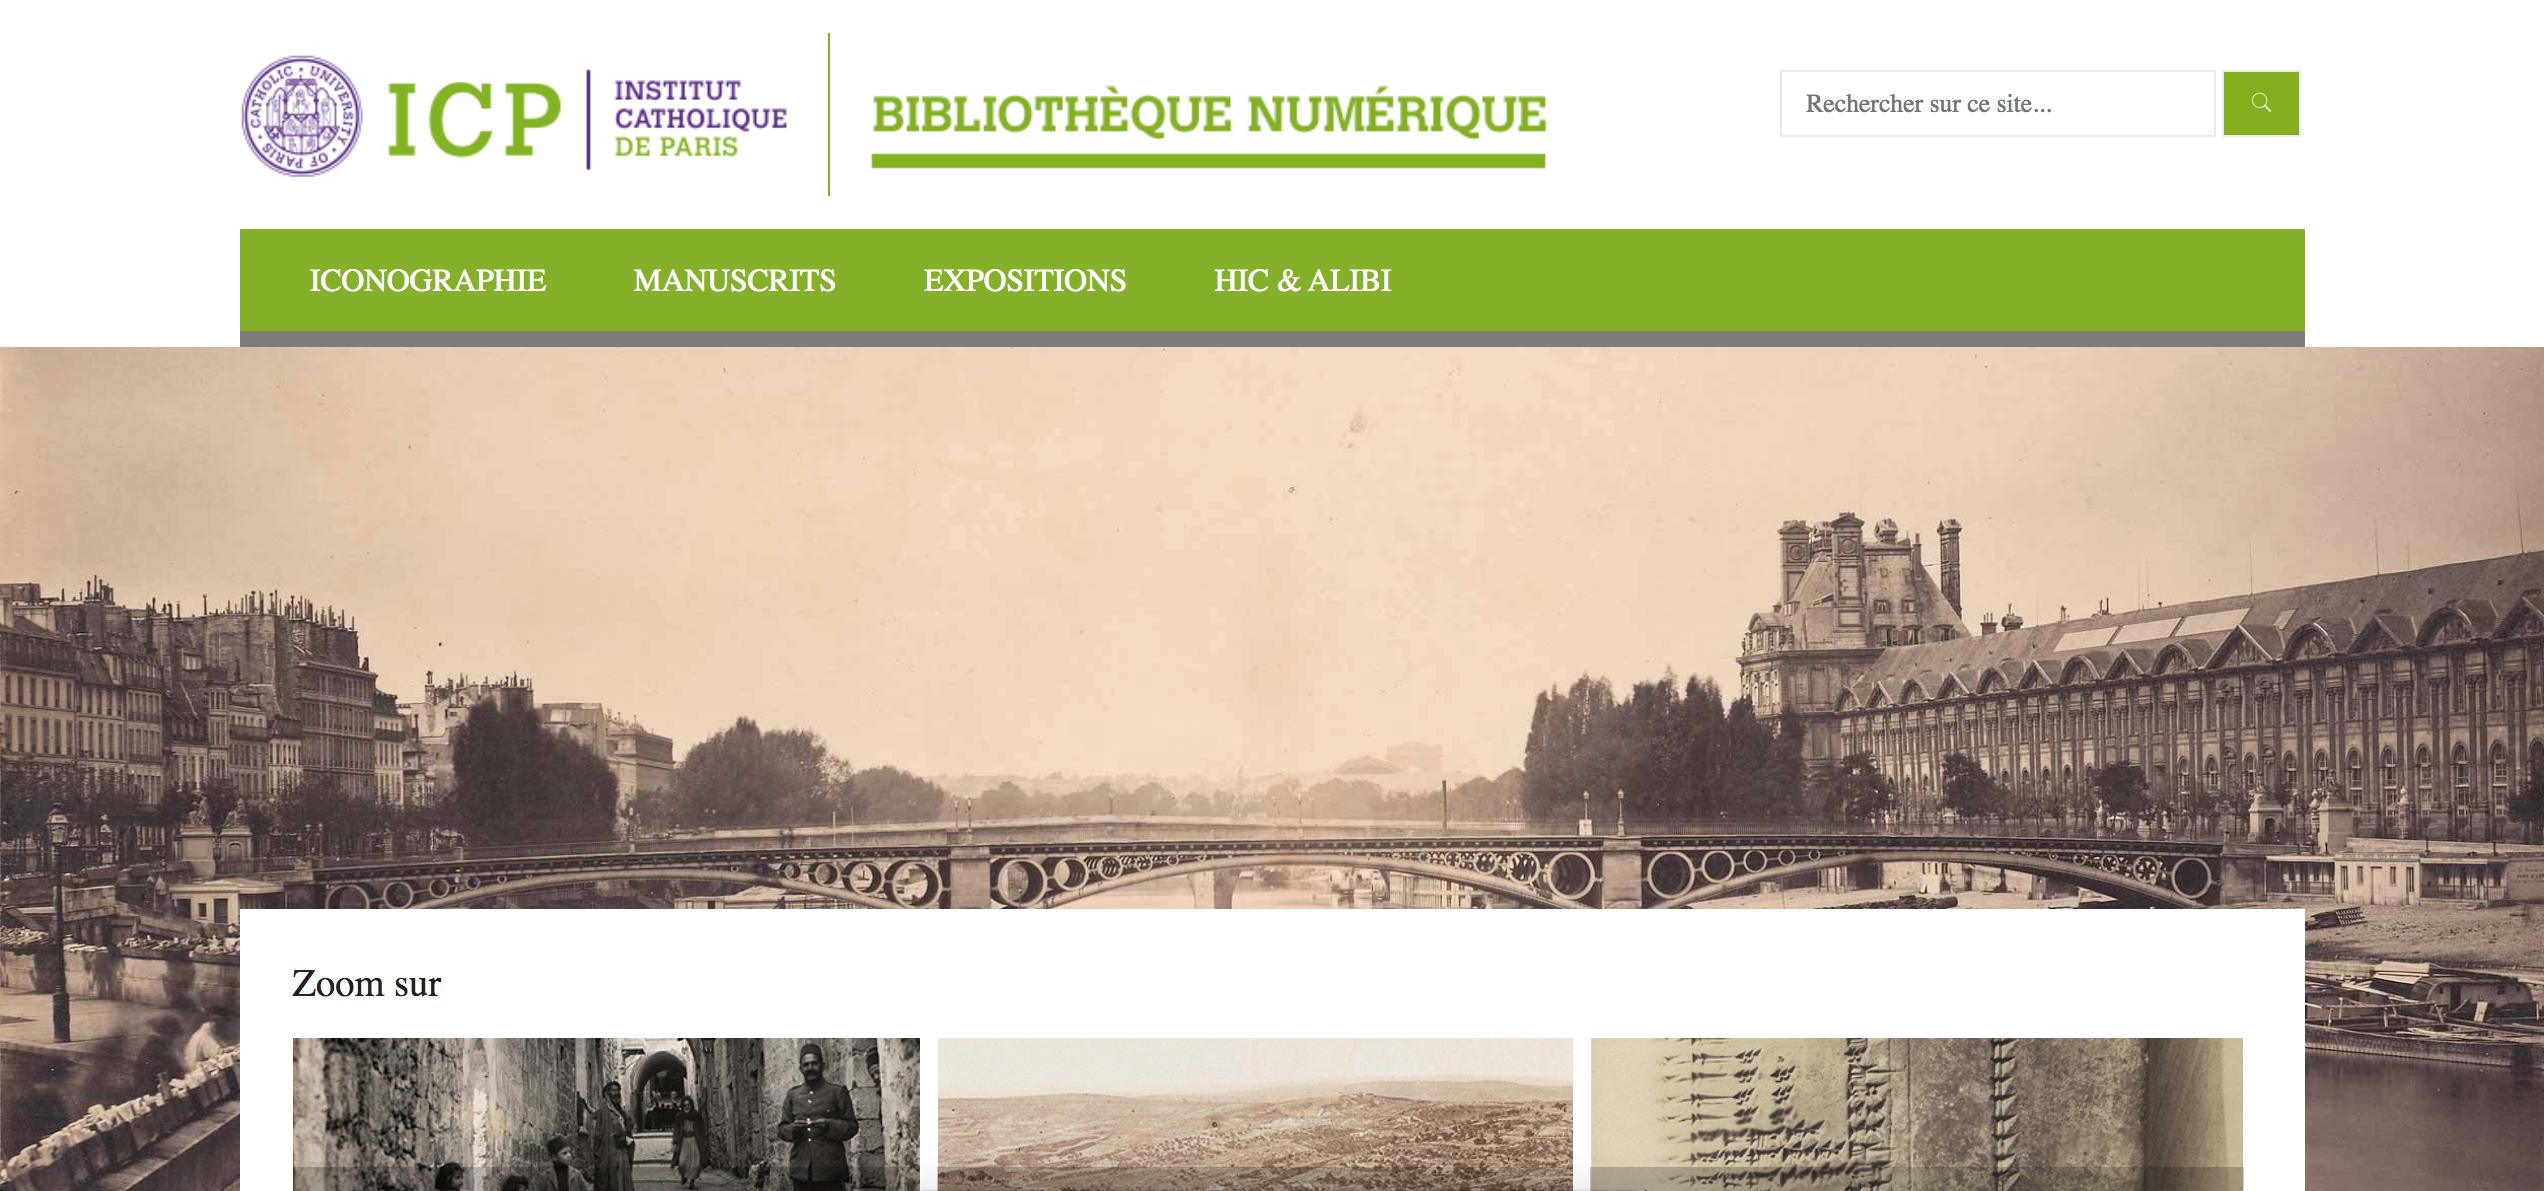 bibliotheque-numerique